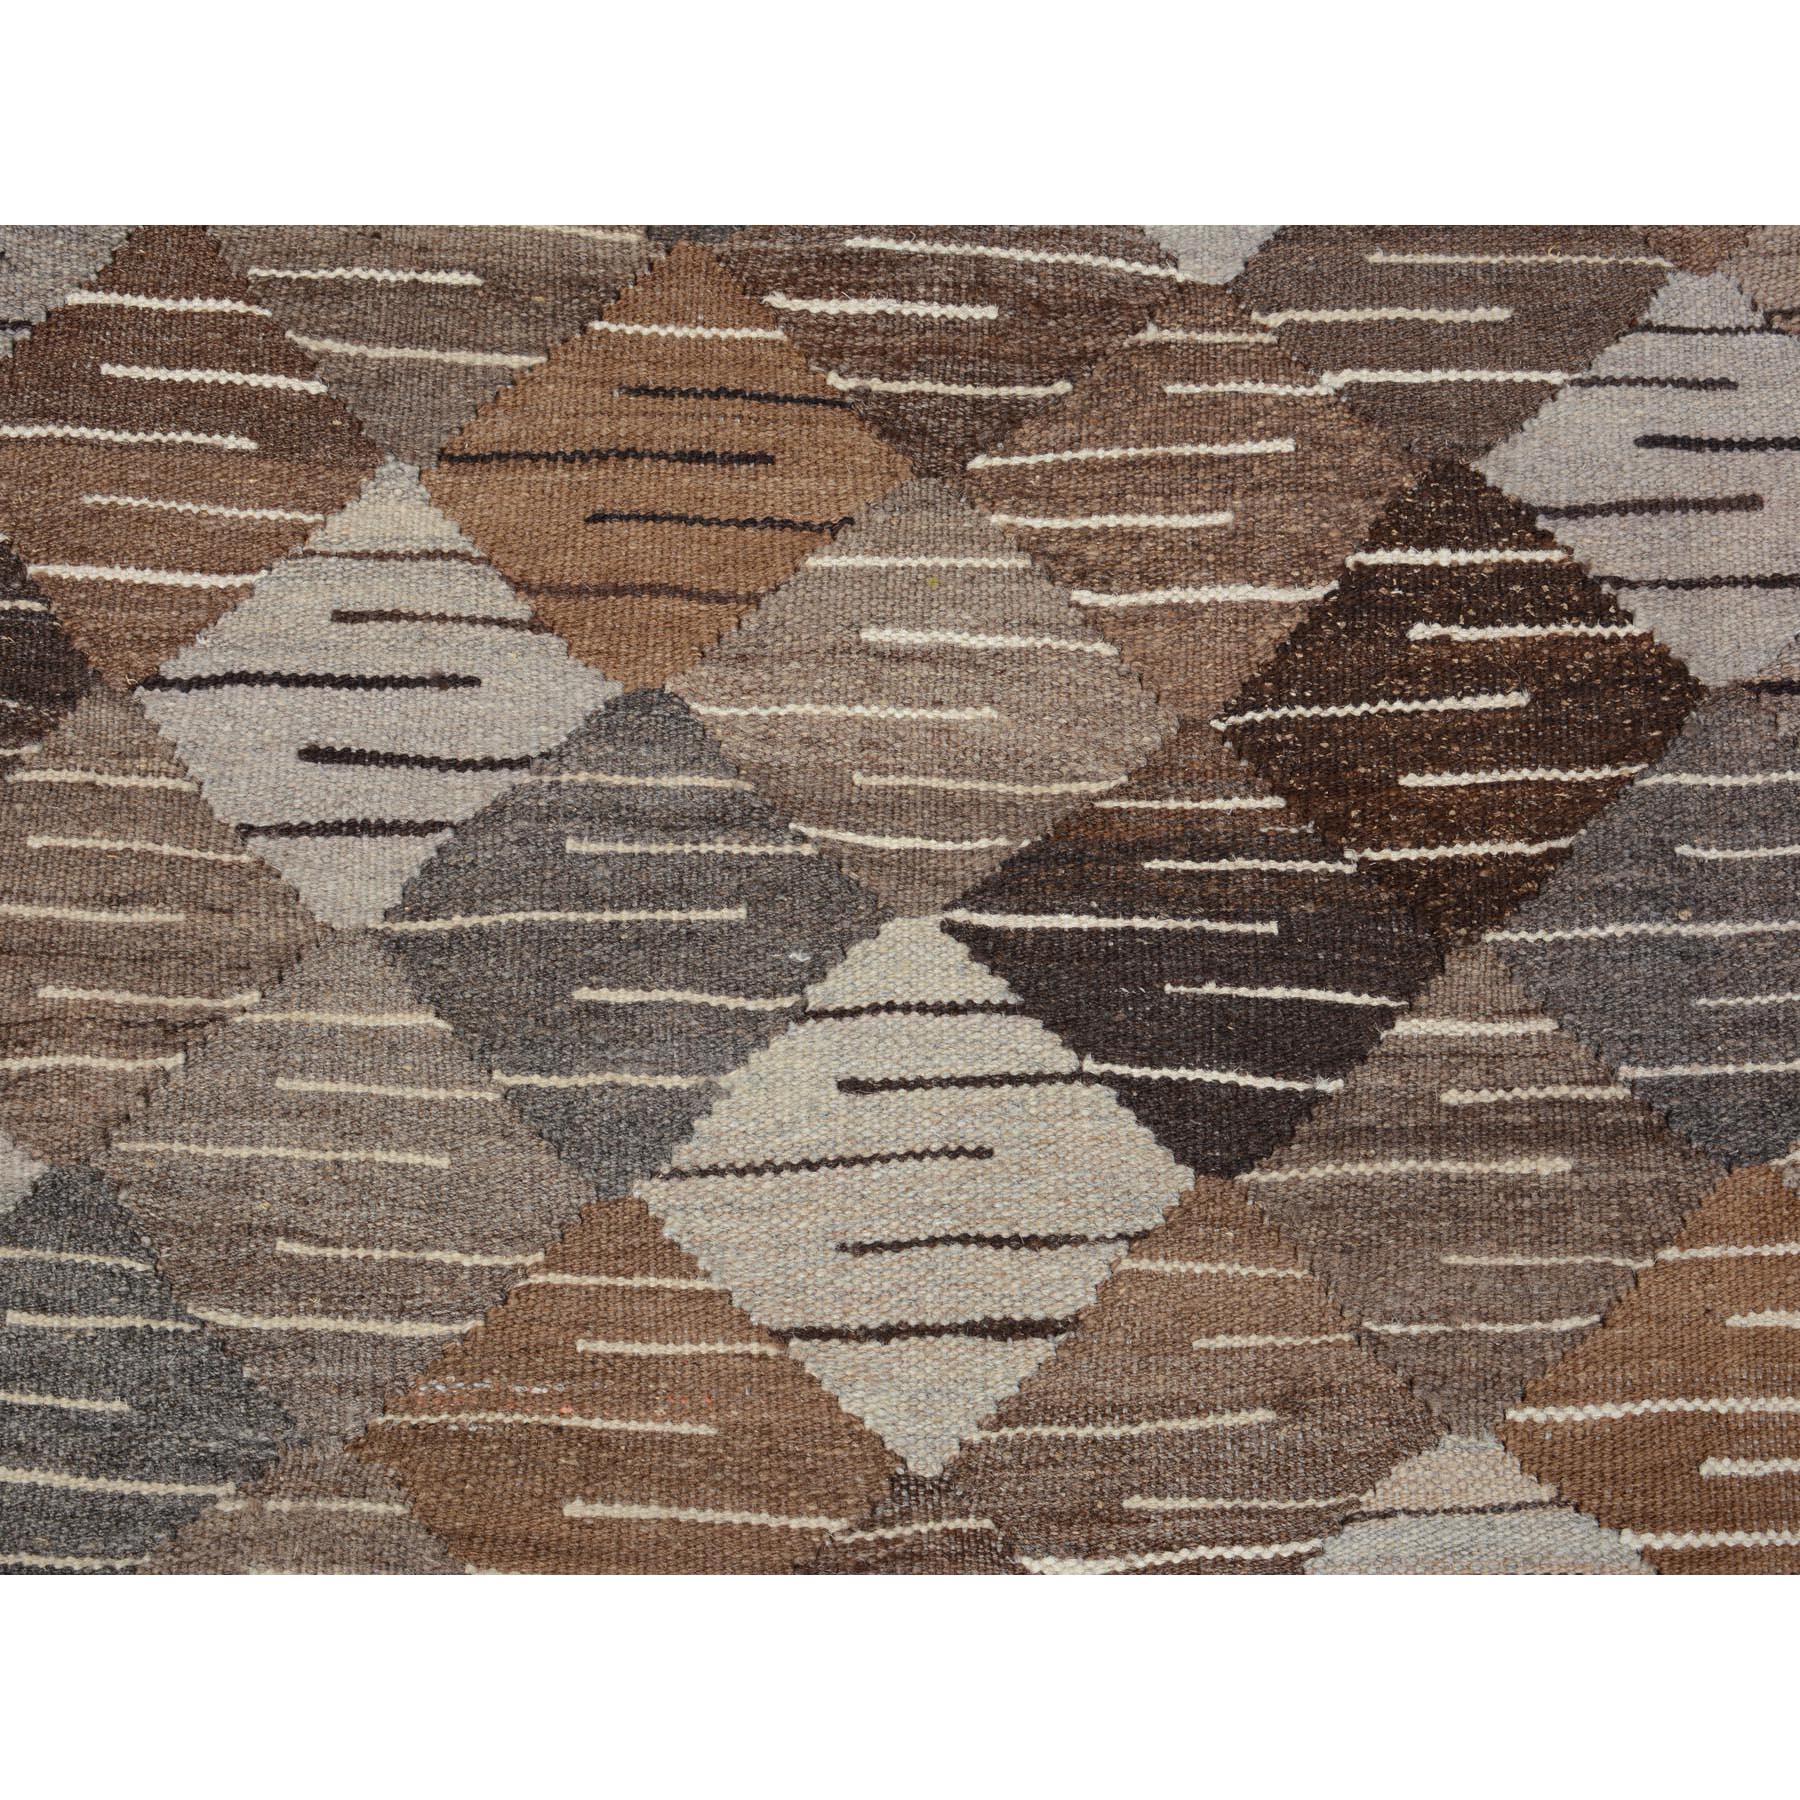 """5'3""""x7'8"""" Afghan Reversible Kilim Vegetable Dyes Pure Wool Hand Woven Oriental Rug"""